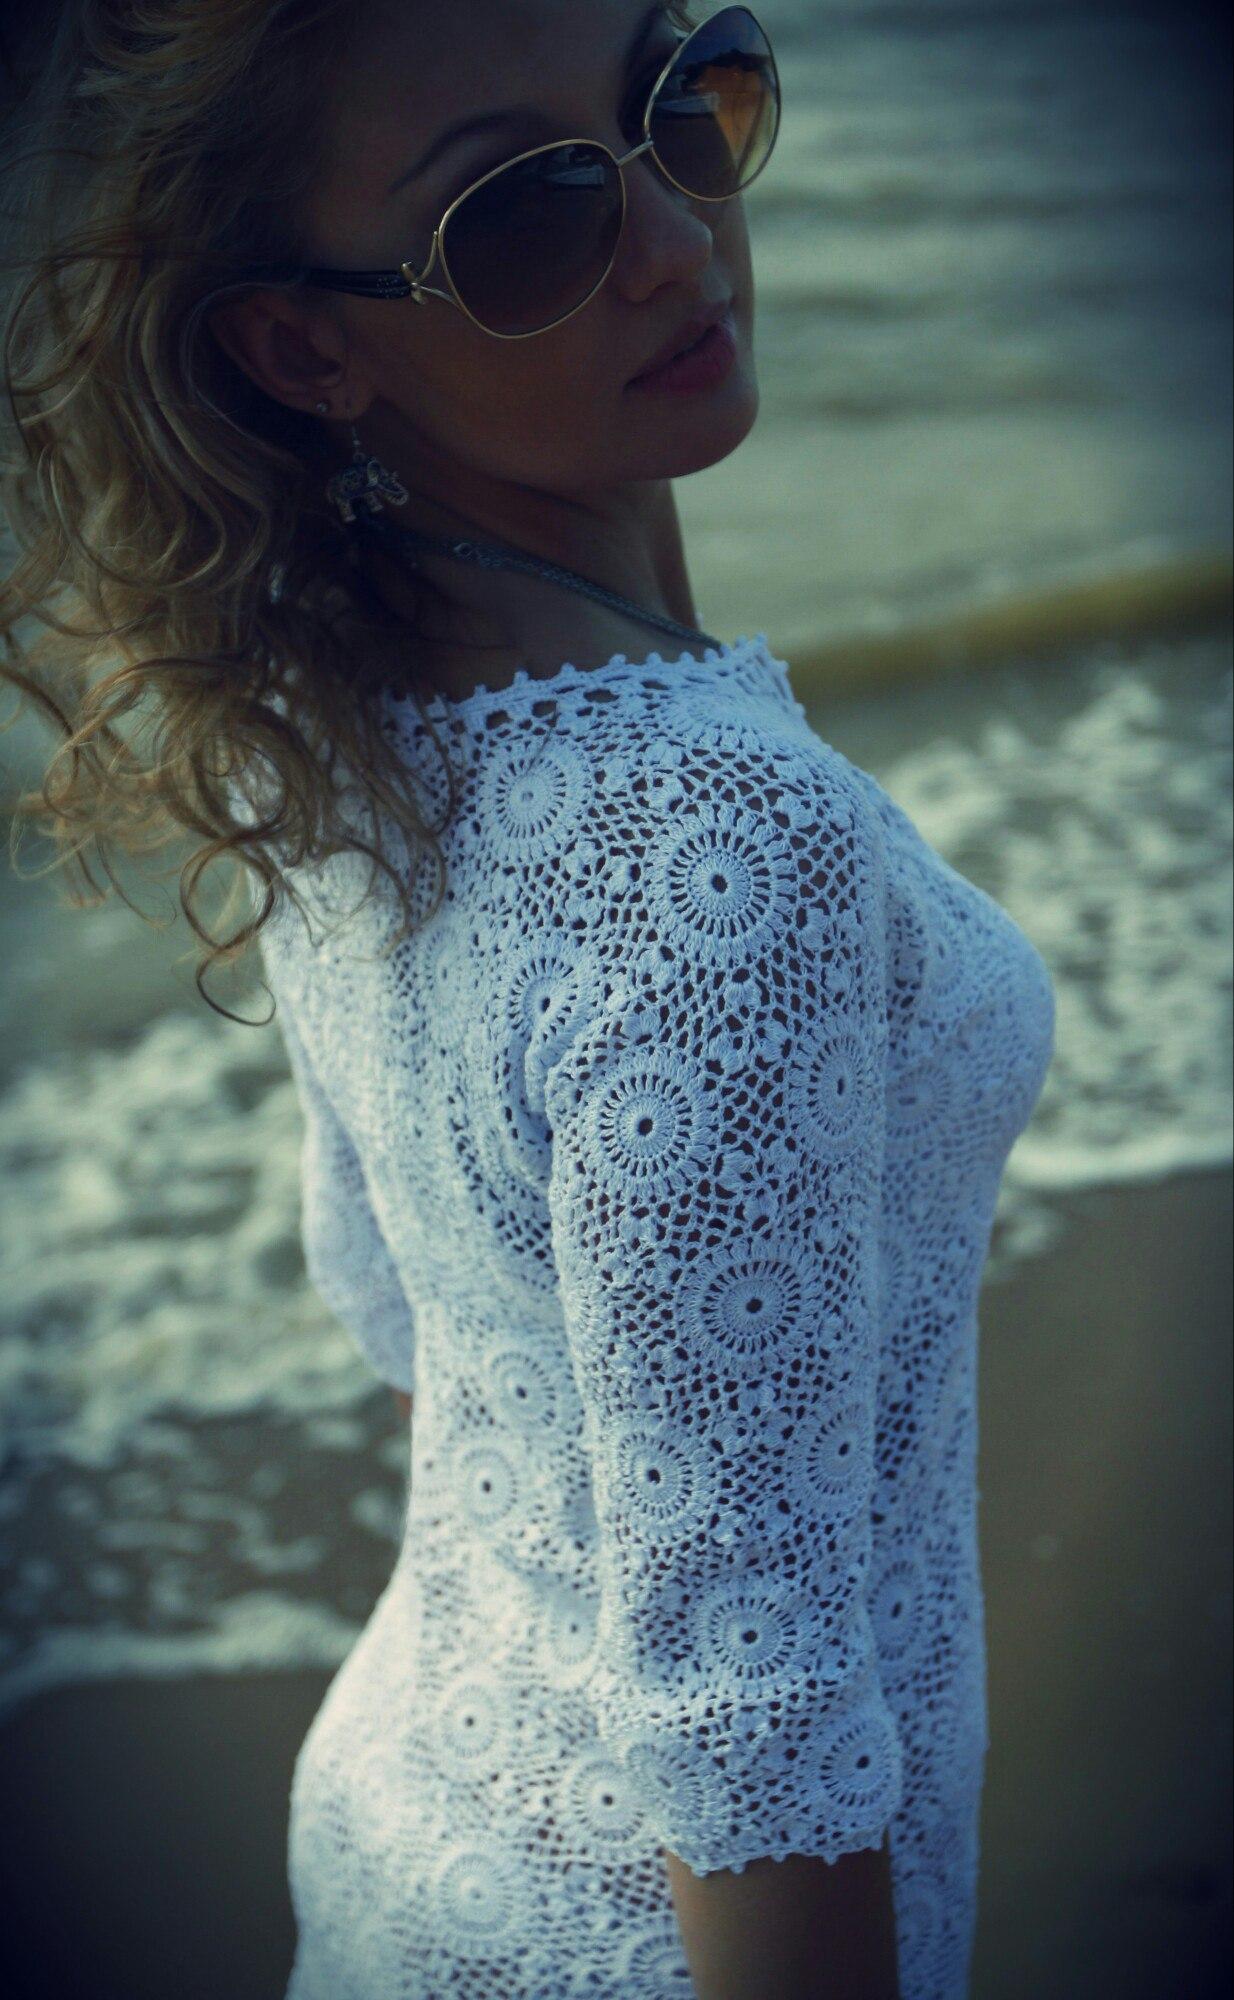 外网钩针连衣裙 - 柳芯飘雪 - 柳芯飘雪的博客